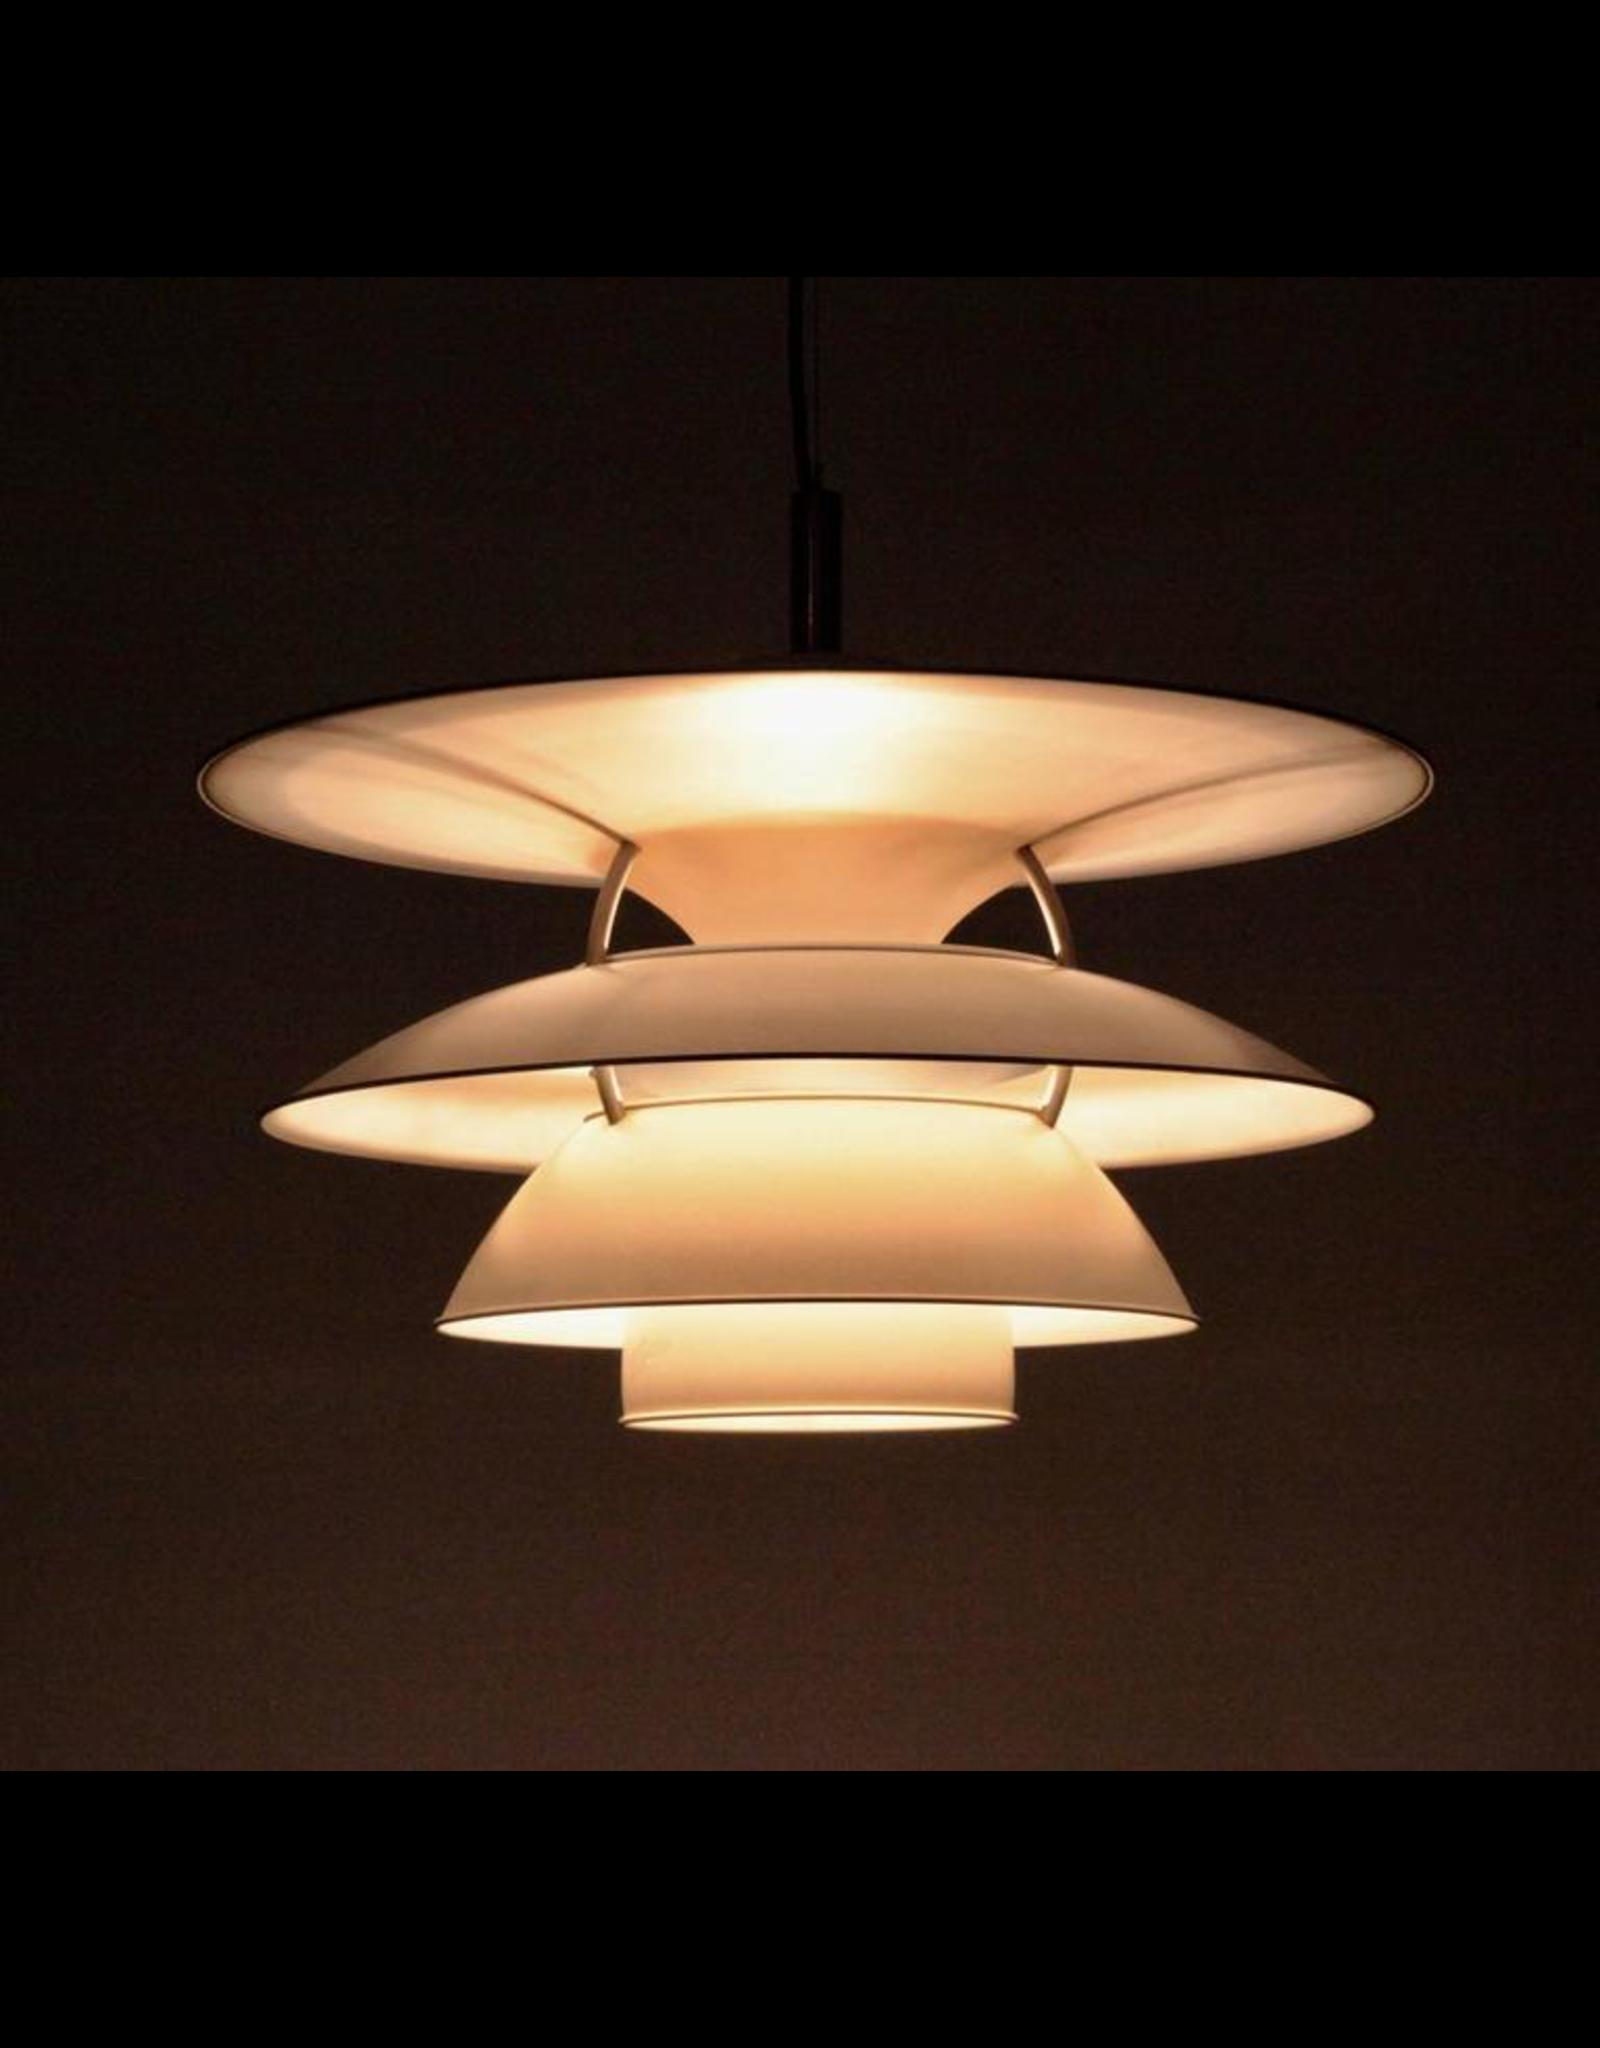 LOUIS POULSEN PH 6 1/2 - 6 LED 吊燈